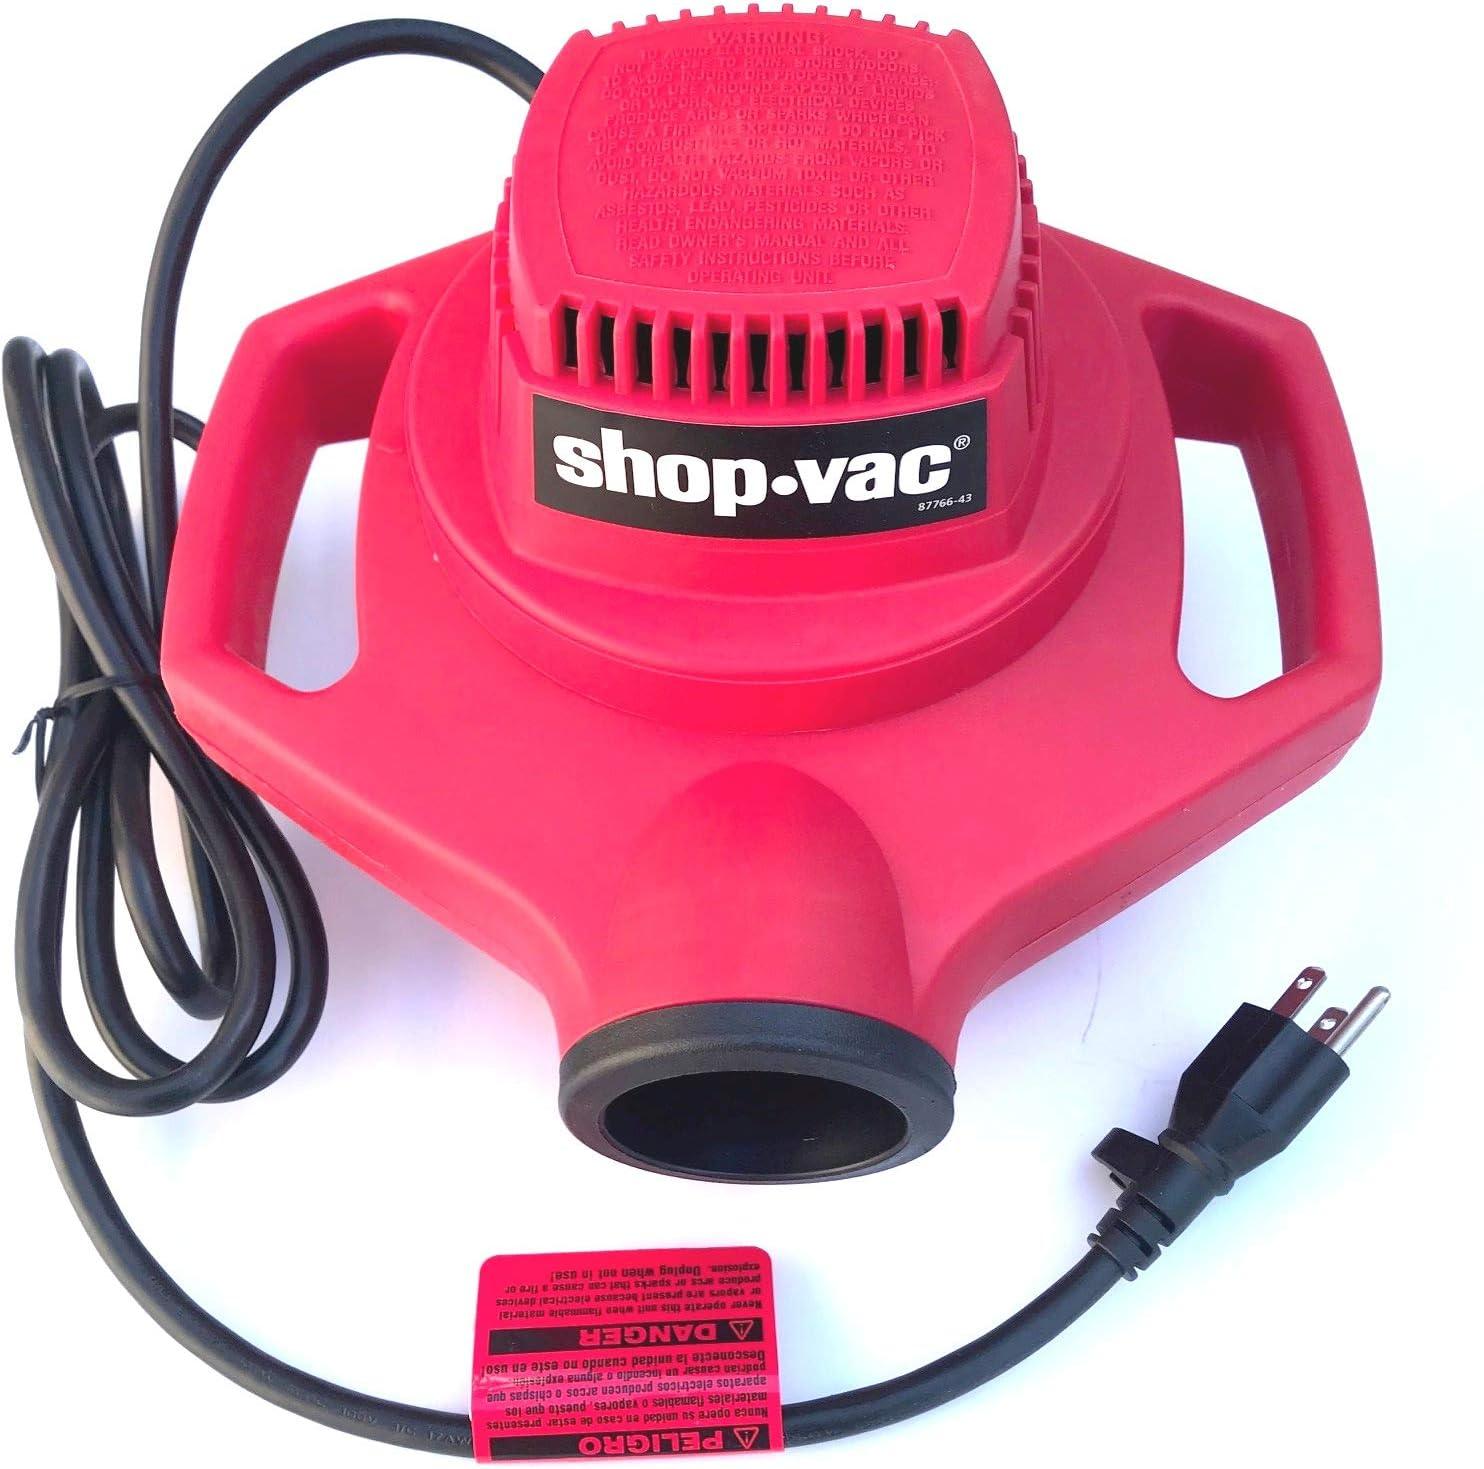 Shopvac Power Unit, Detachable 3331.5H #8694297